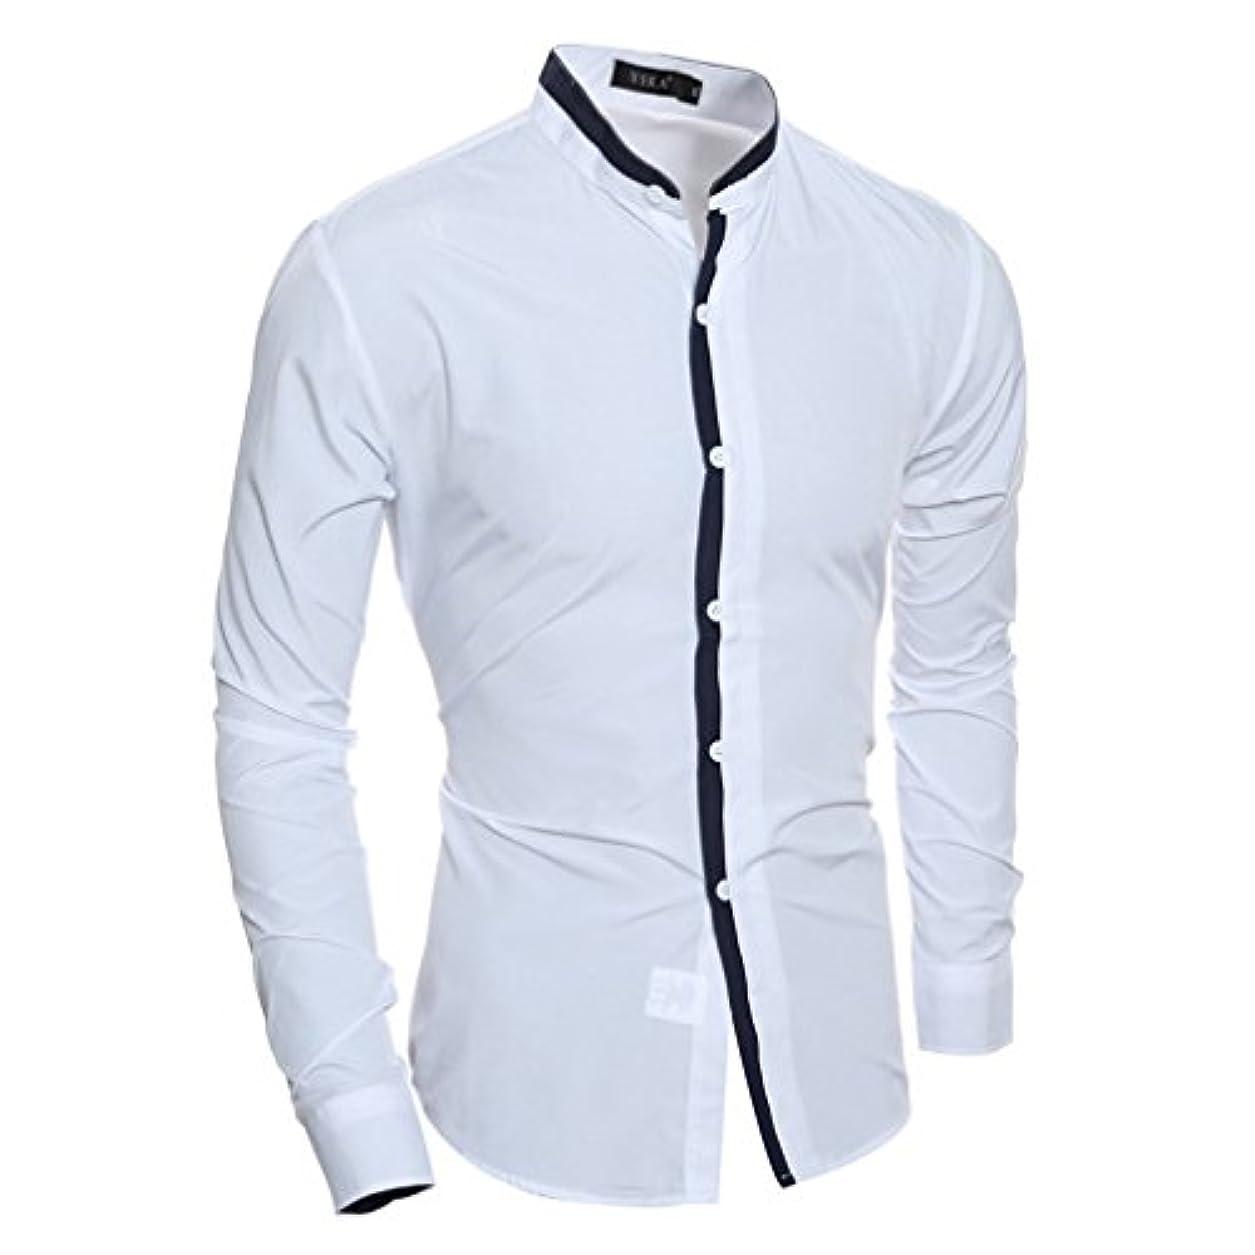 珍しいリダクターしてはいけないHonghu メンズ シャツ 長袖  立て衿 スタントカラ カラー切り替え カジュアル スリム ホワイト L 1PC